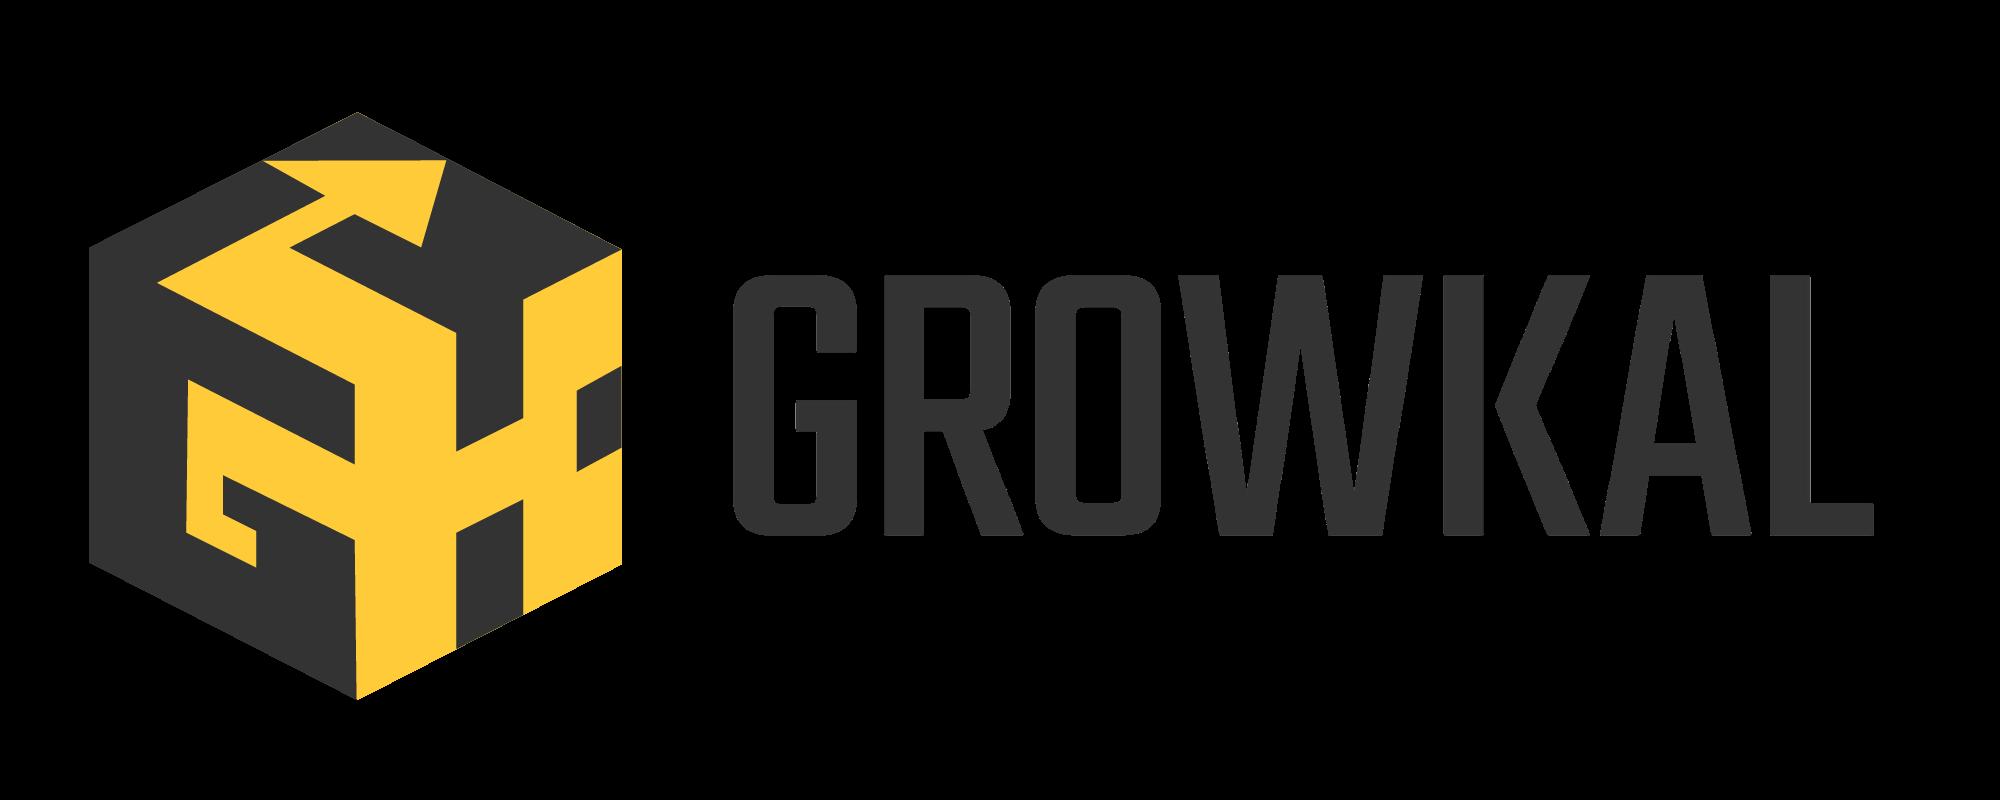 GrowKal - Digital Studio